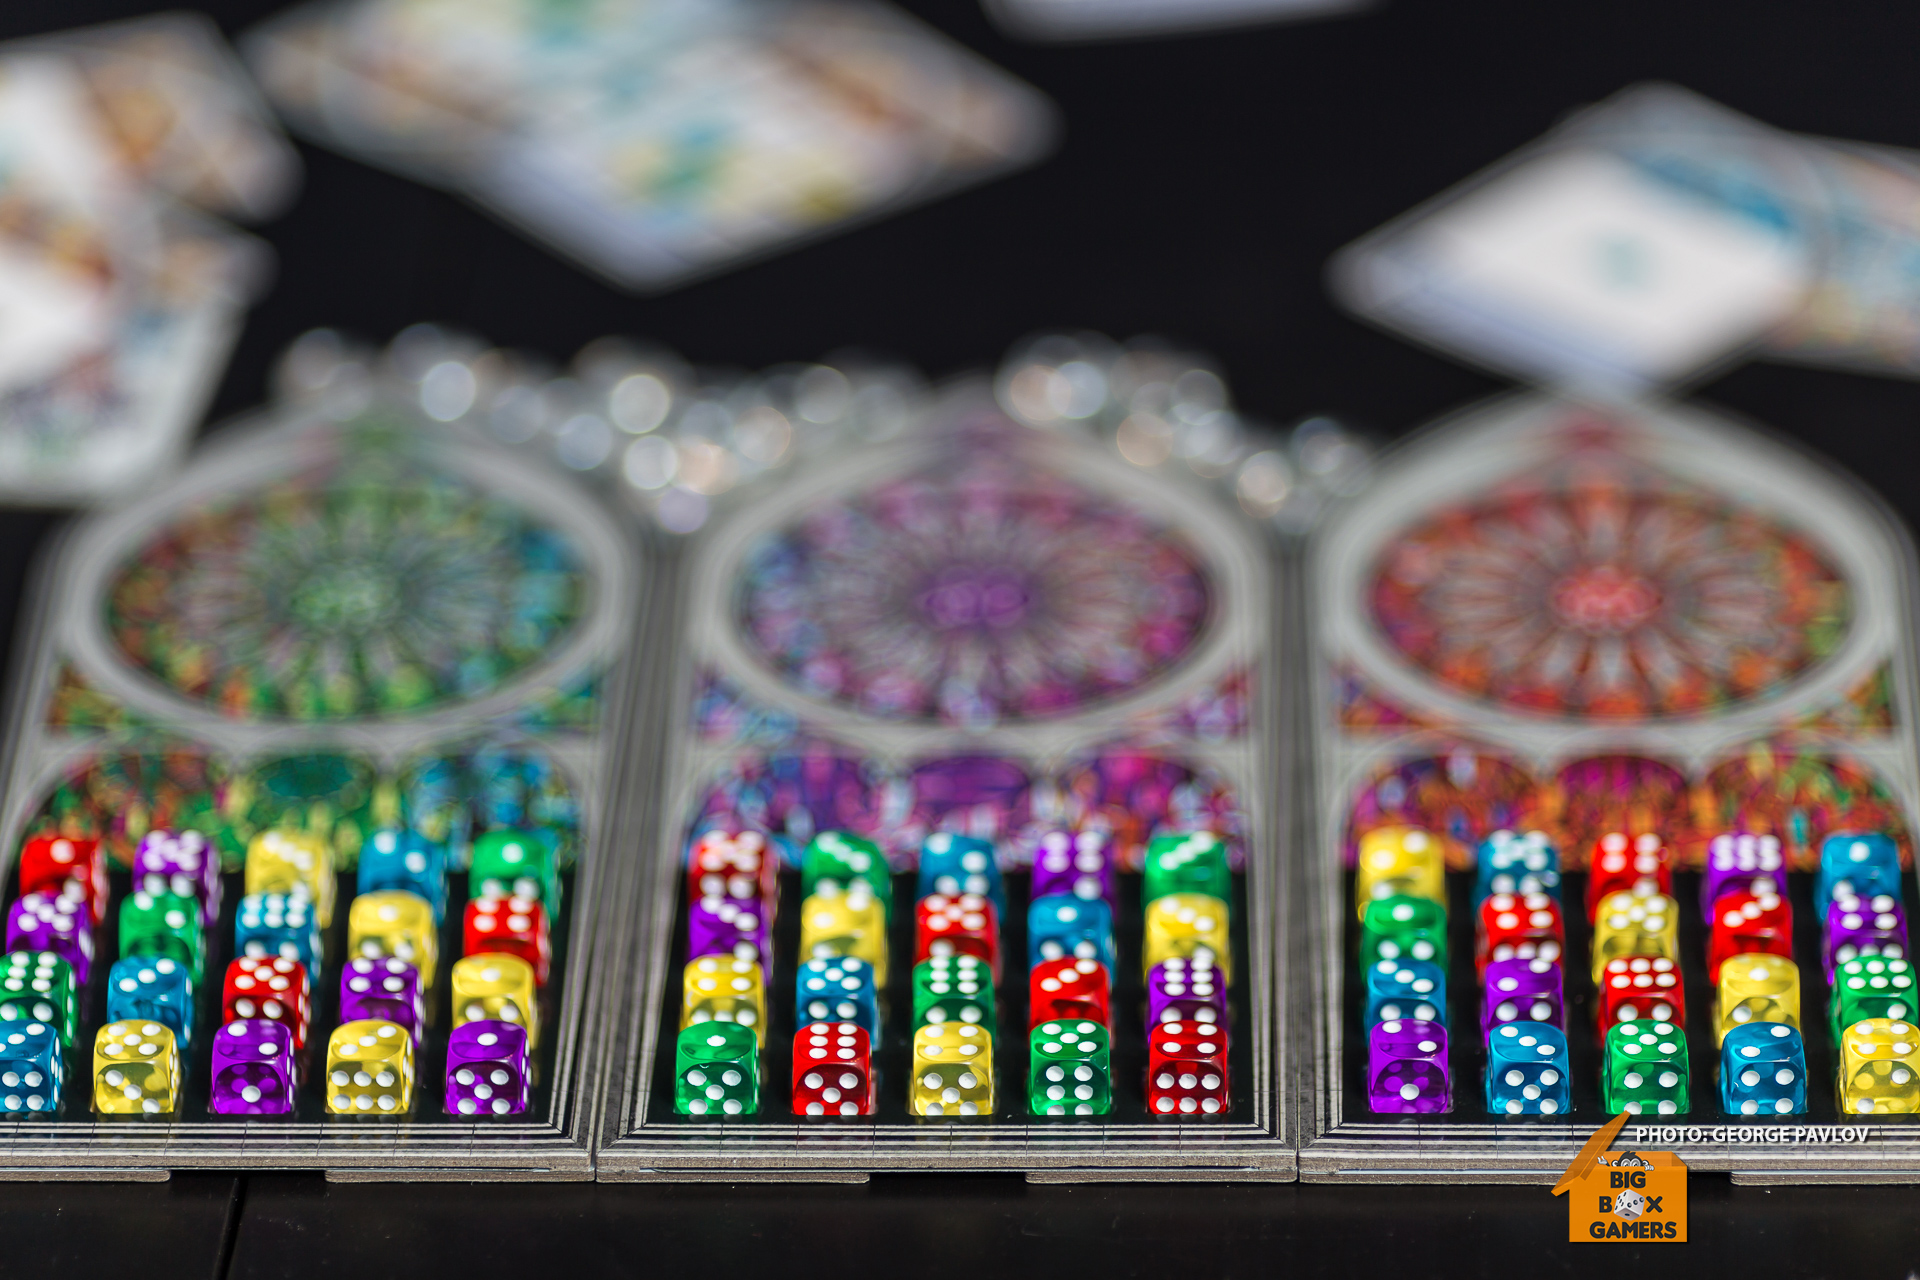 Sagrada – претендент за най-красива игра на годината